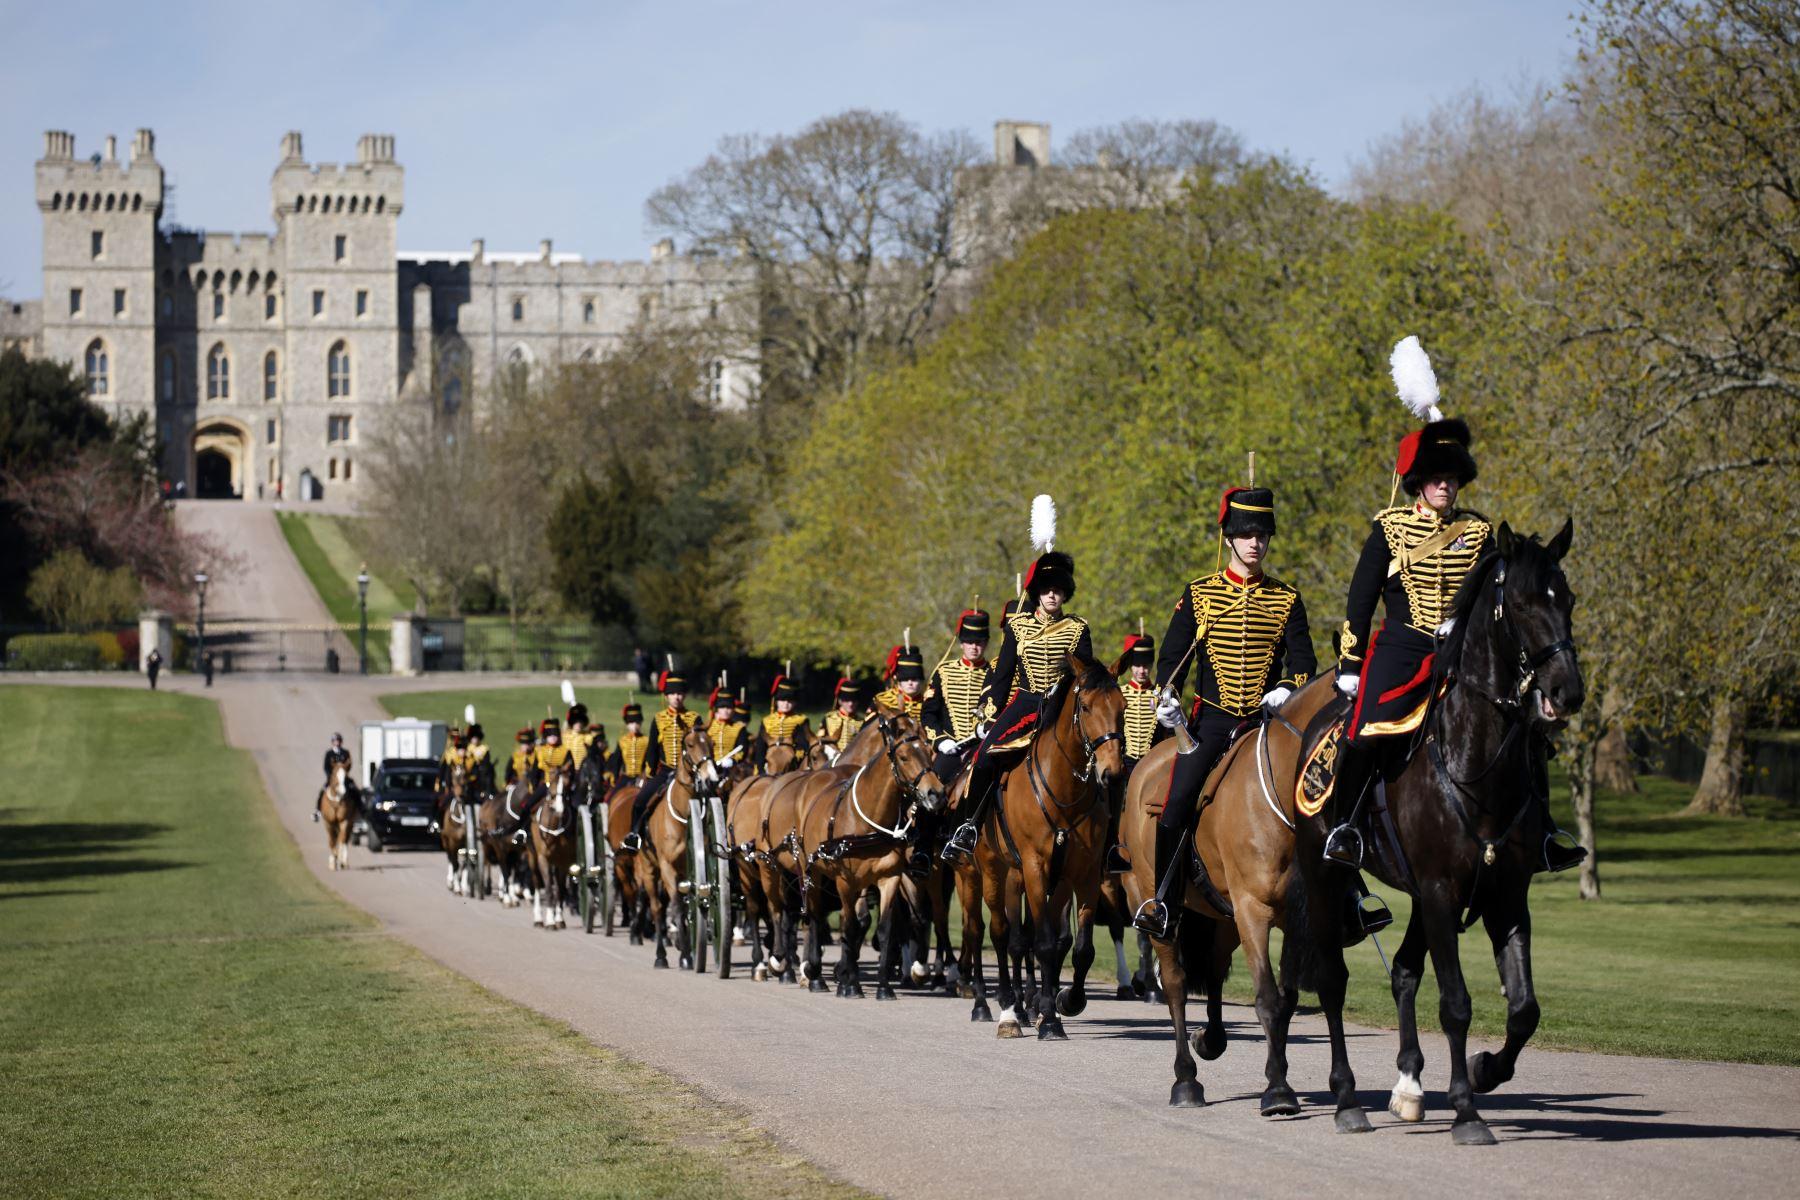 Los miembros de la artillería a caballo real de la tropa del rey suben por el Long Walk lejos del Castillo de Windsor después de asistir al funeral del príncipe Felipe de Gran Bretaña, duque de Edimburgo, en la Capilla de San Jorge en el Castillo de Windsor. Foto: AFP